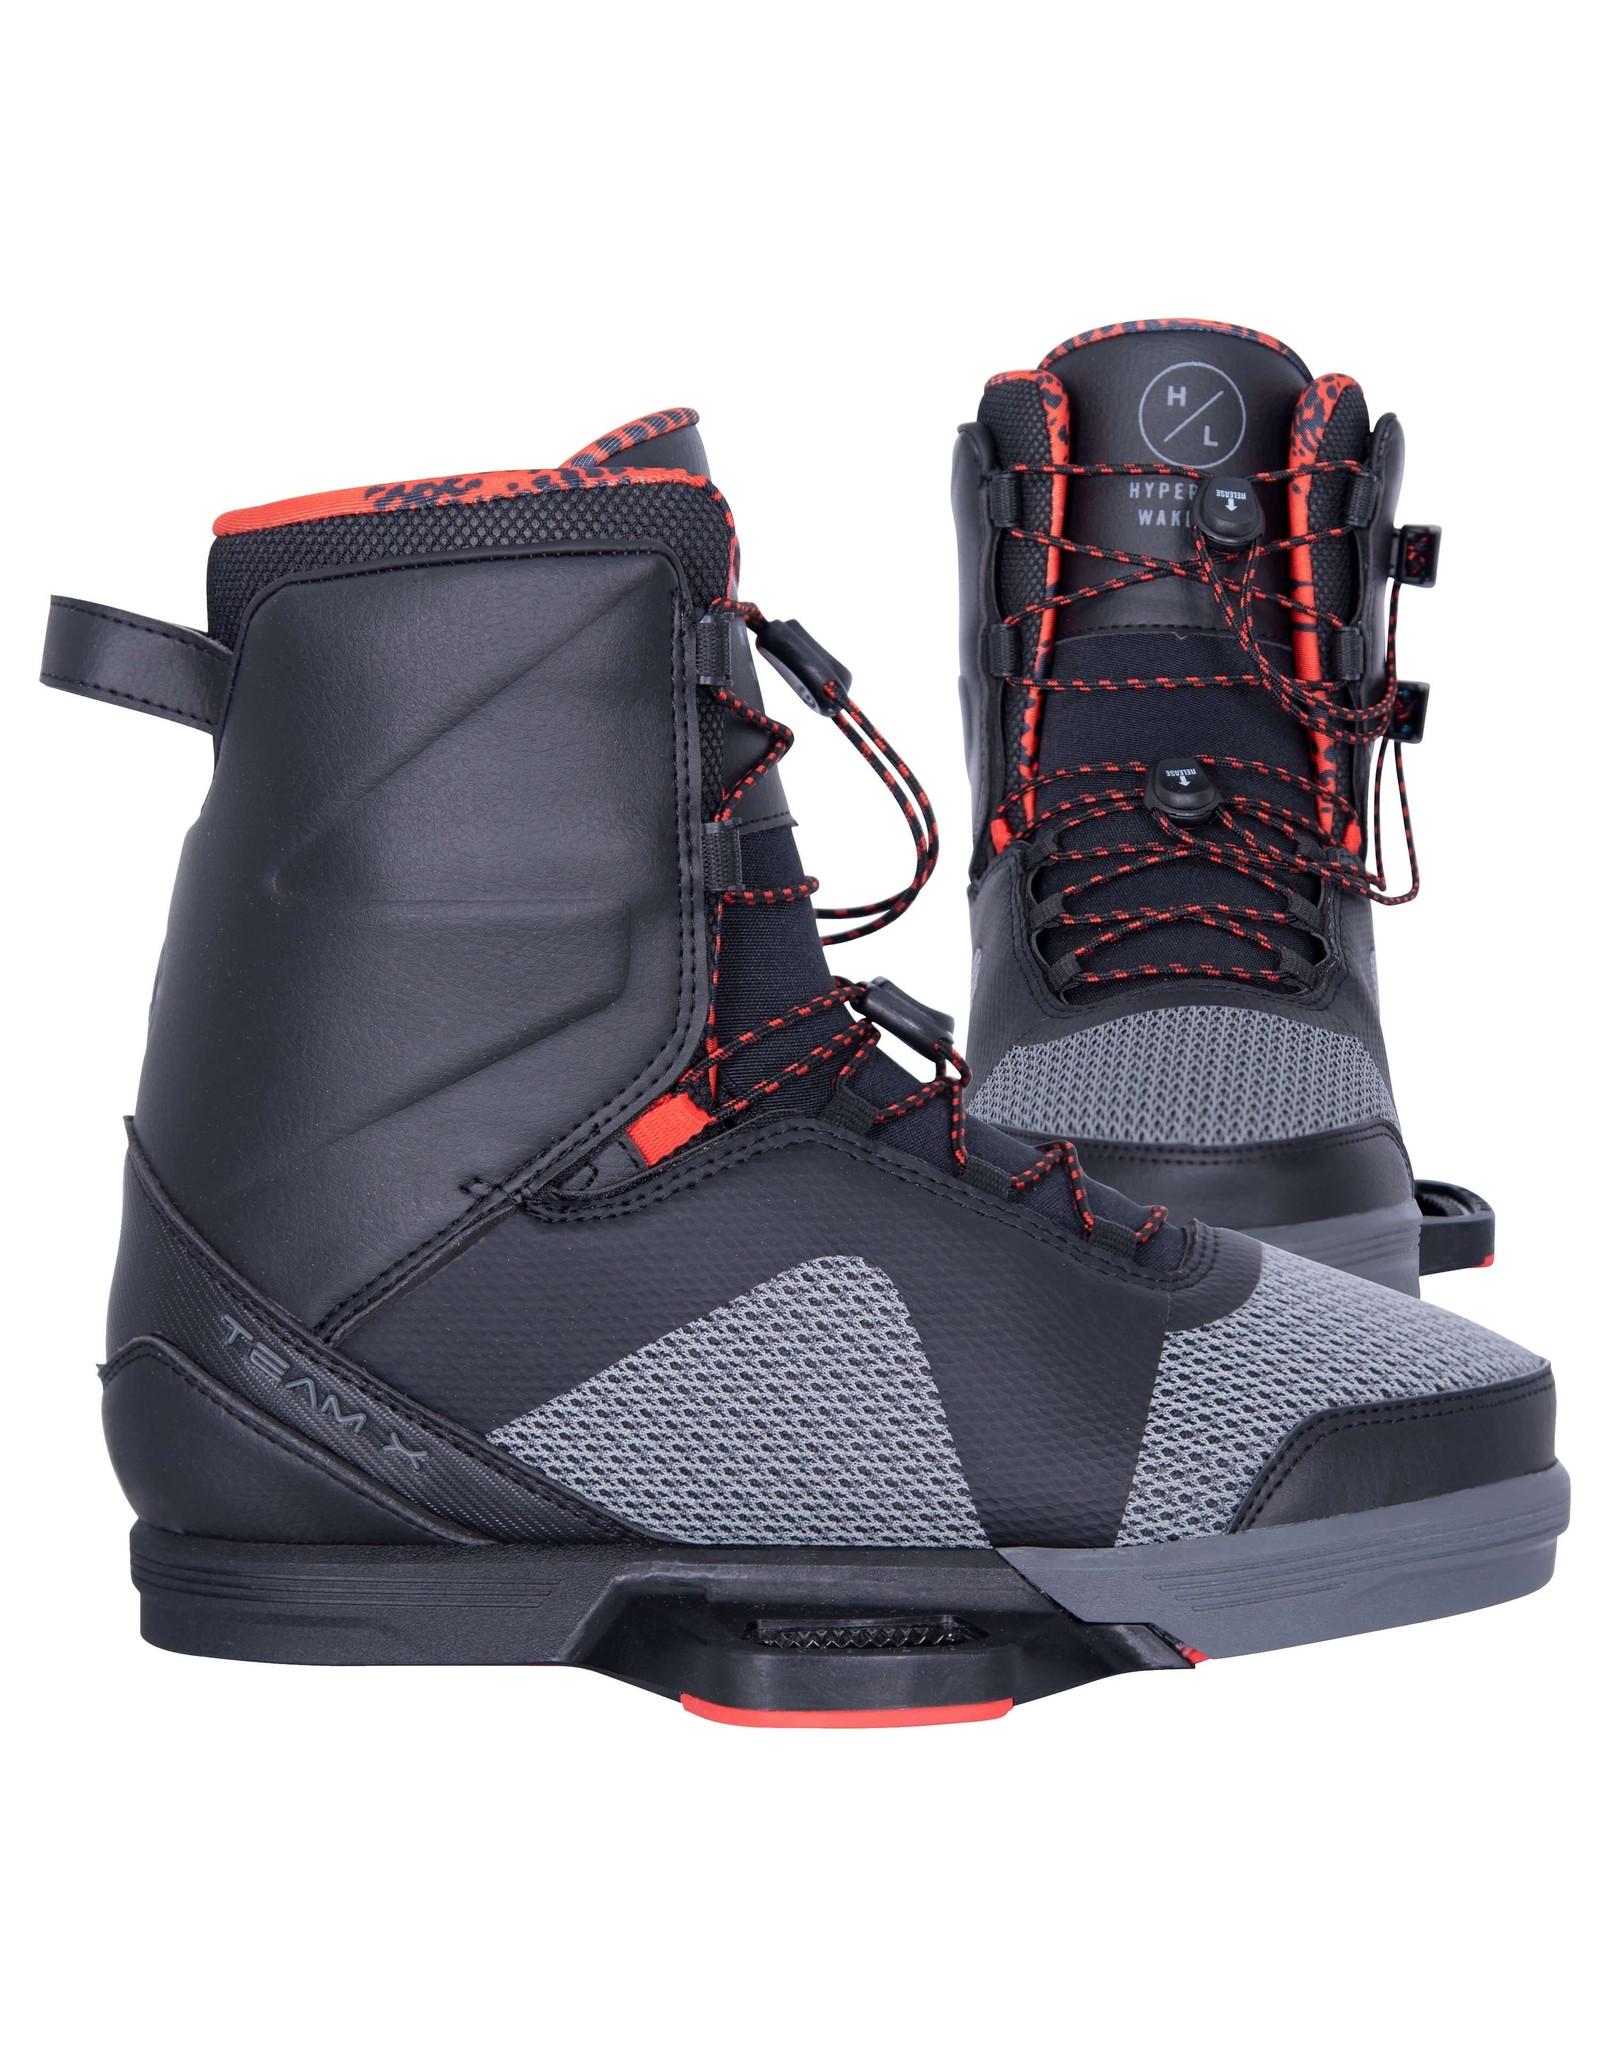 HO/Hyperlite 2021 Team X Boot